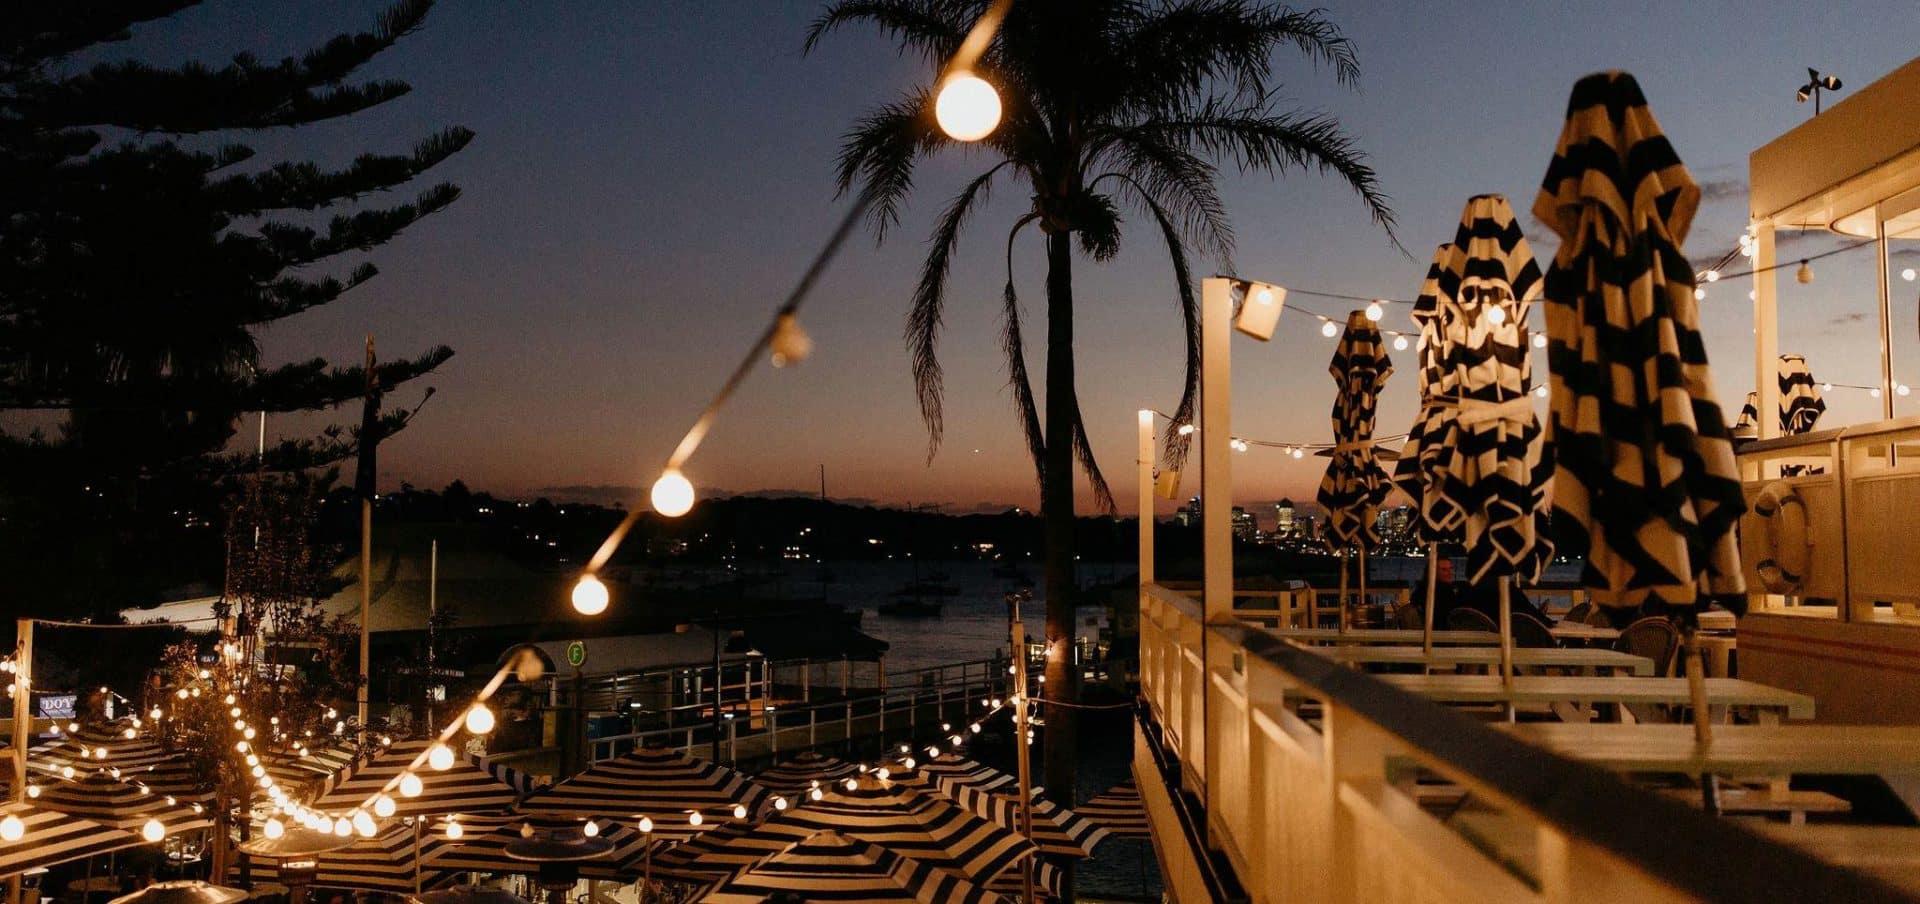 Beach Bar Clubs Sydney